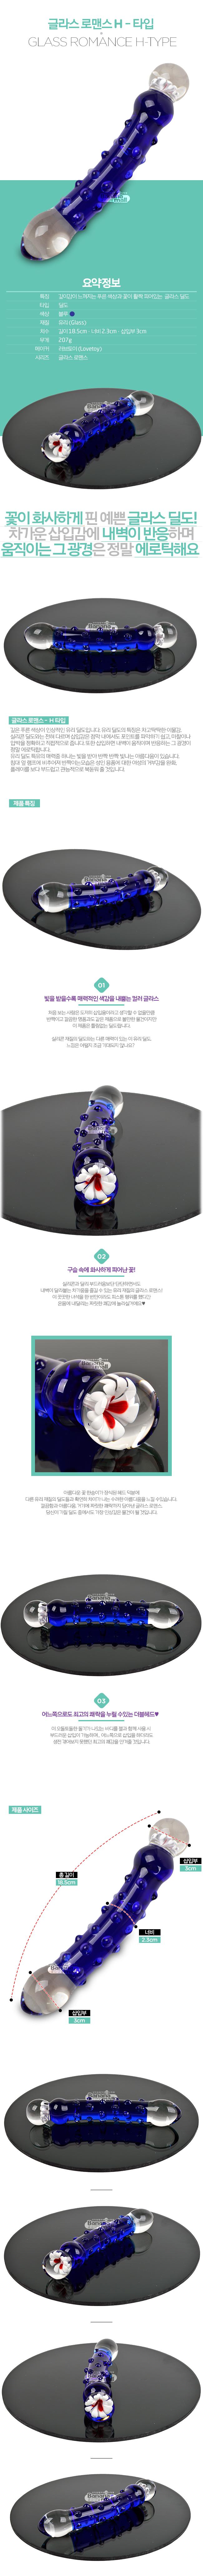 [유리 딜도] 글라스 로맨스(Lovetoy Glass Romance H-type) - 러브토이(GS08B)